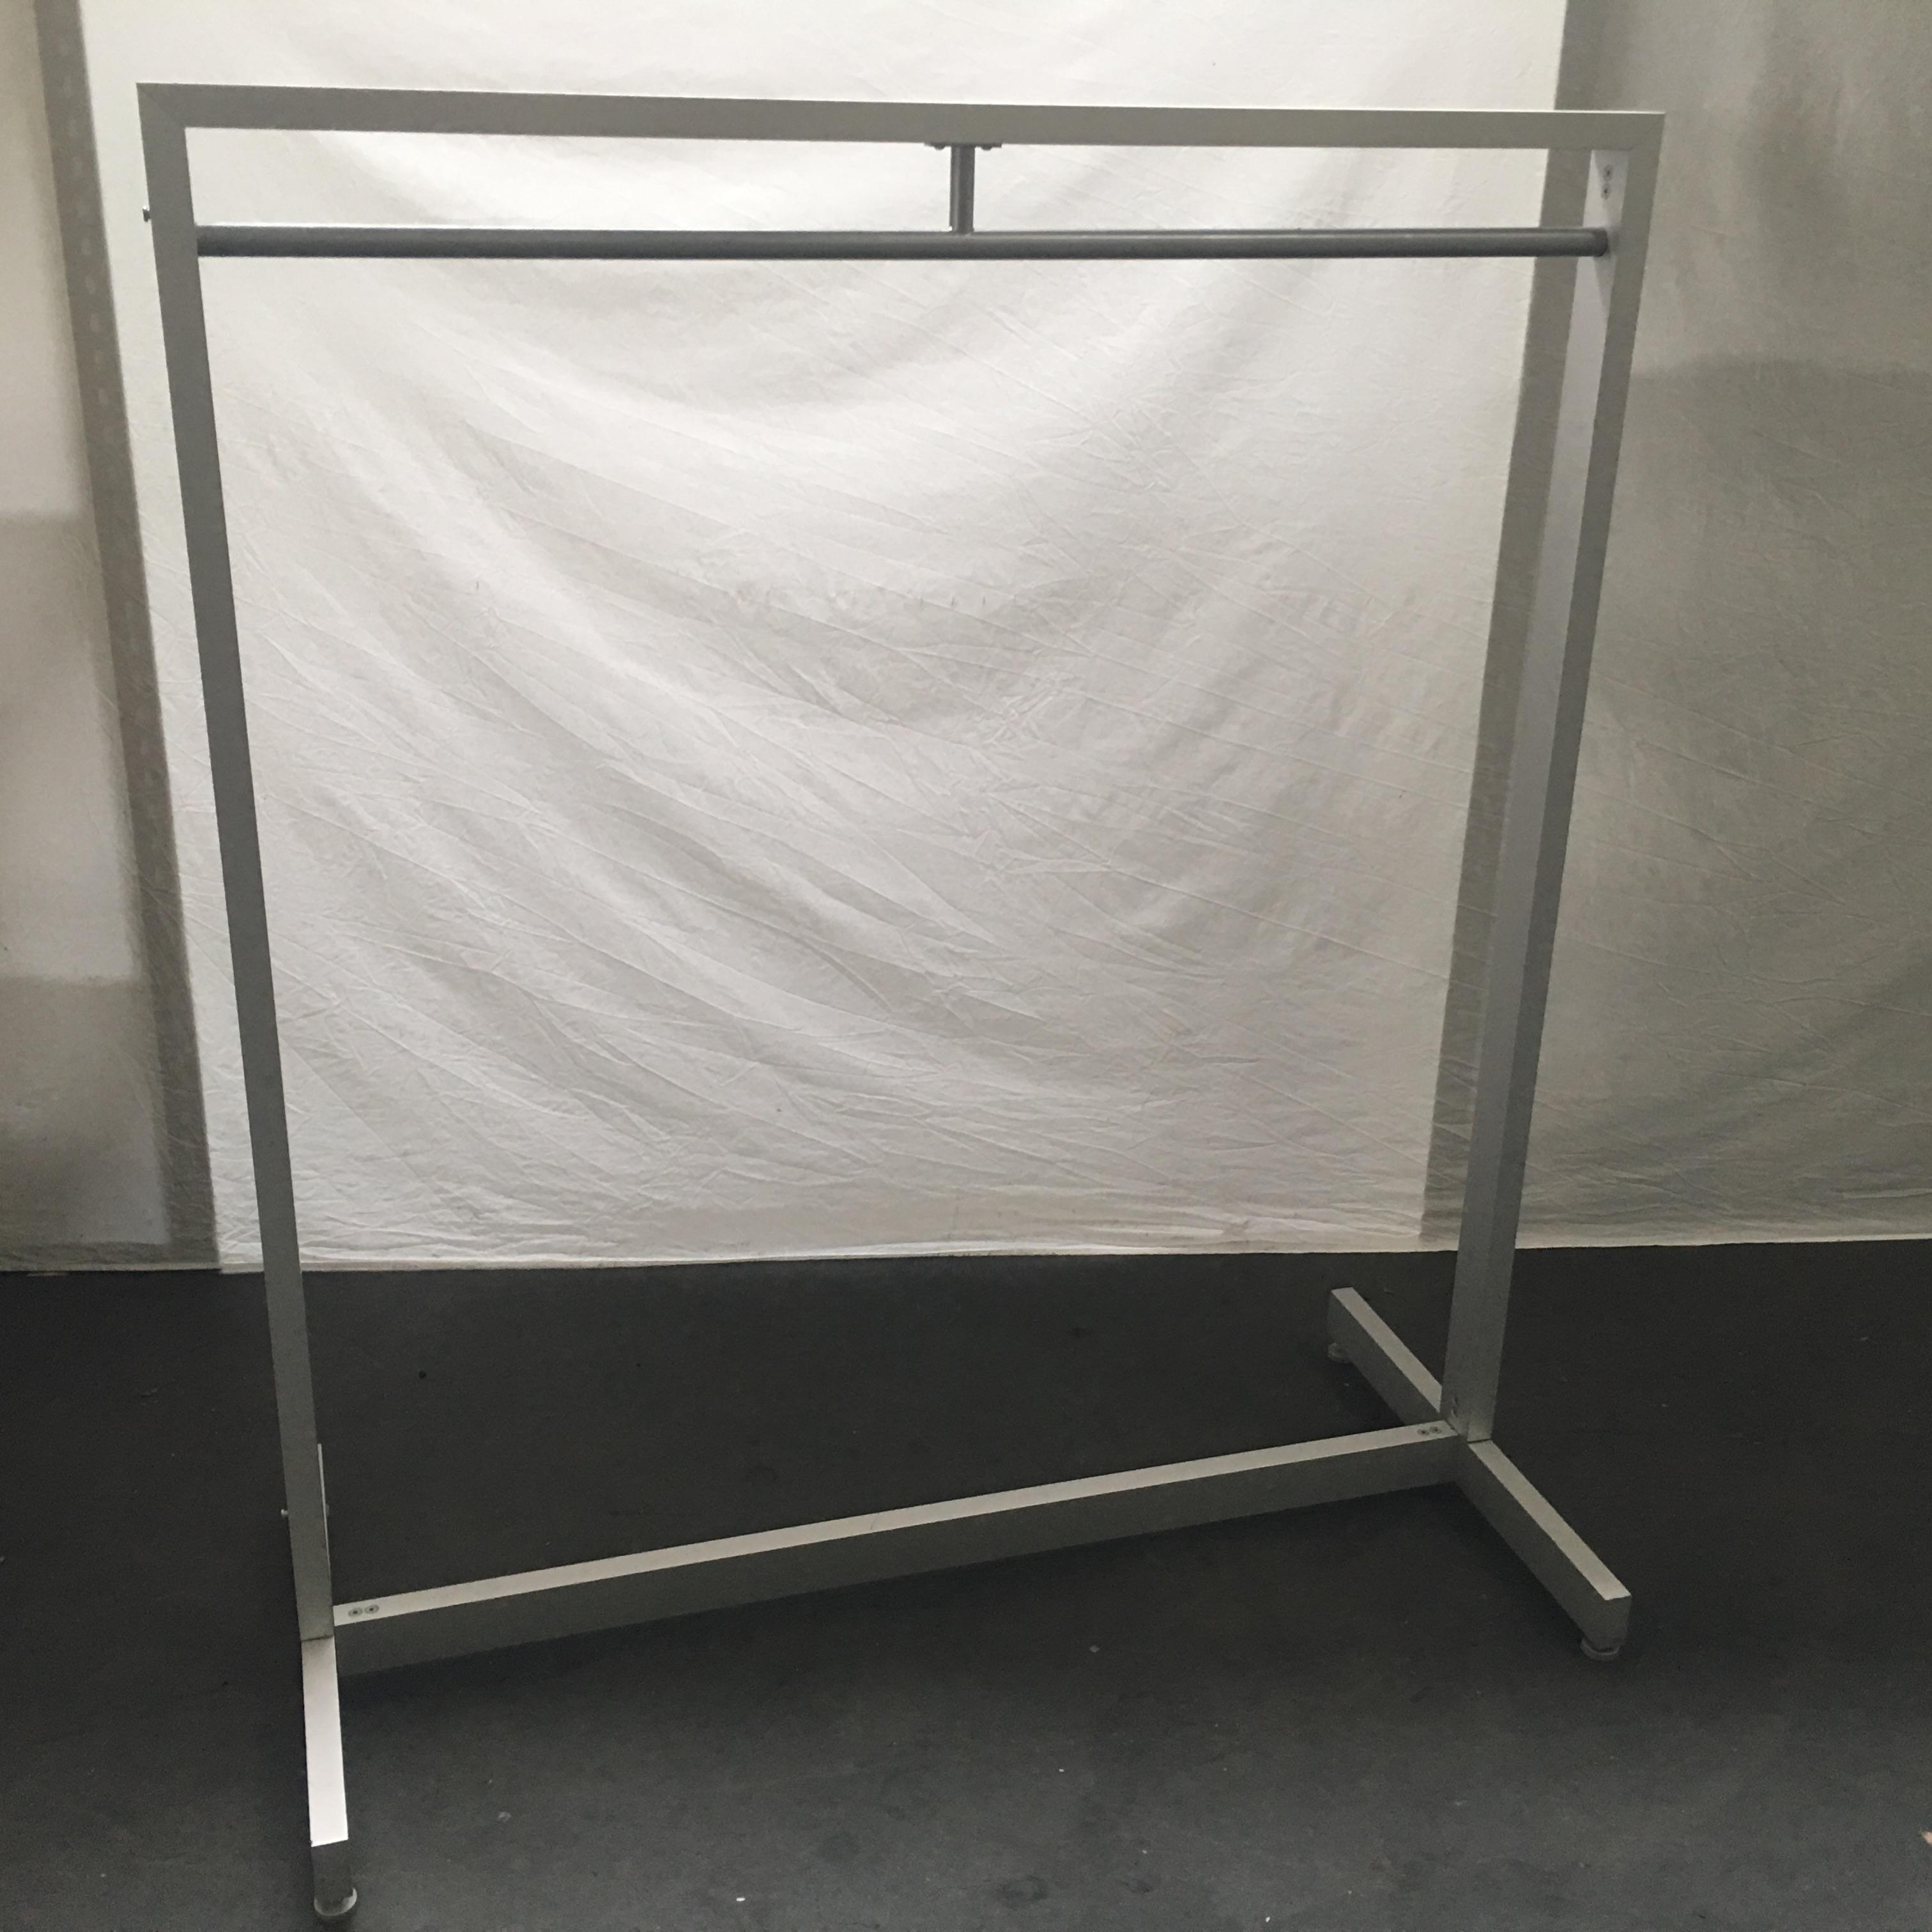 Aluminium kledingrek gebruikt. 125 cm breed, 140 hoog. gemakkelijk te demonteren voor vervoer. Stevig, stabiel rek met verstelbare poten. Prijs is een afhaal prijs, dit artikel kunnen we helaas voor deze prijs niet verzenden! Er zijn er 4 bij afname van alle 4 betaal je er 3!